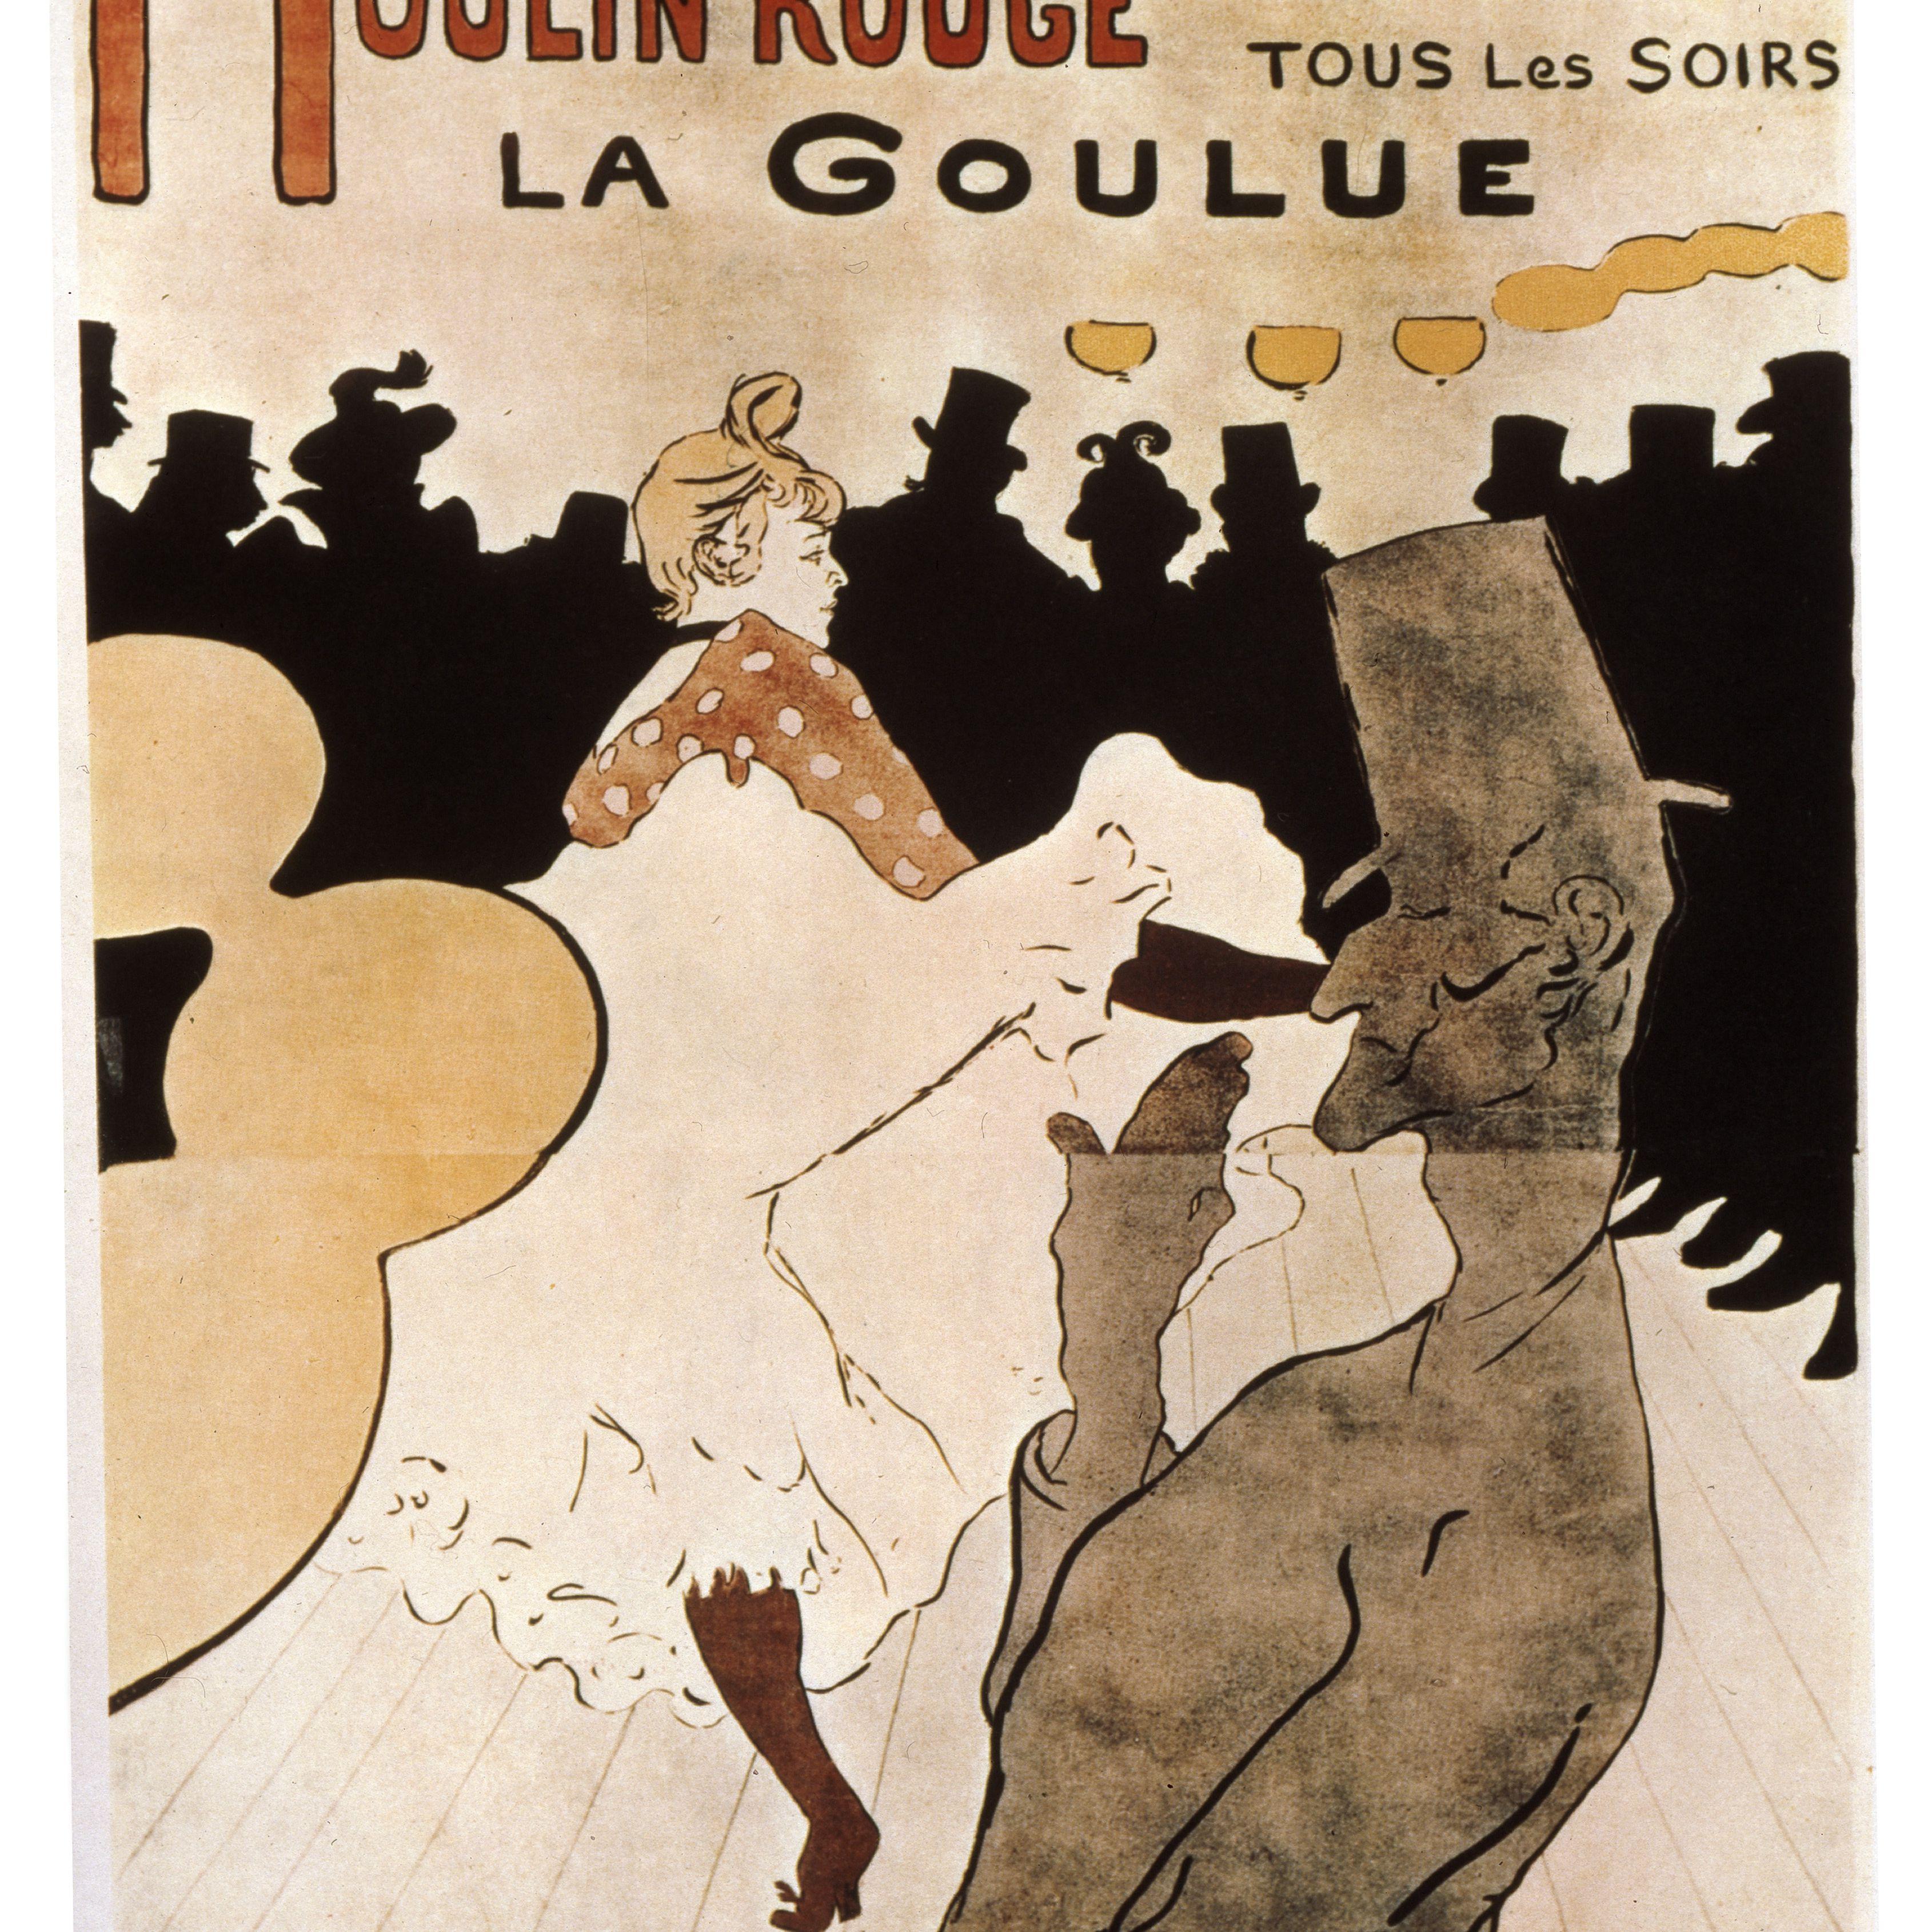 Henri de Toulouse-Lautrec: Artist of Bohemian Paris